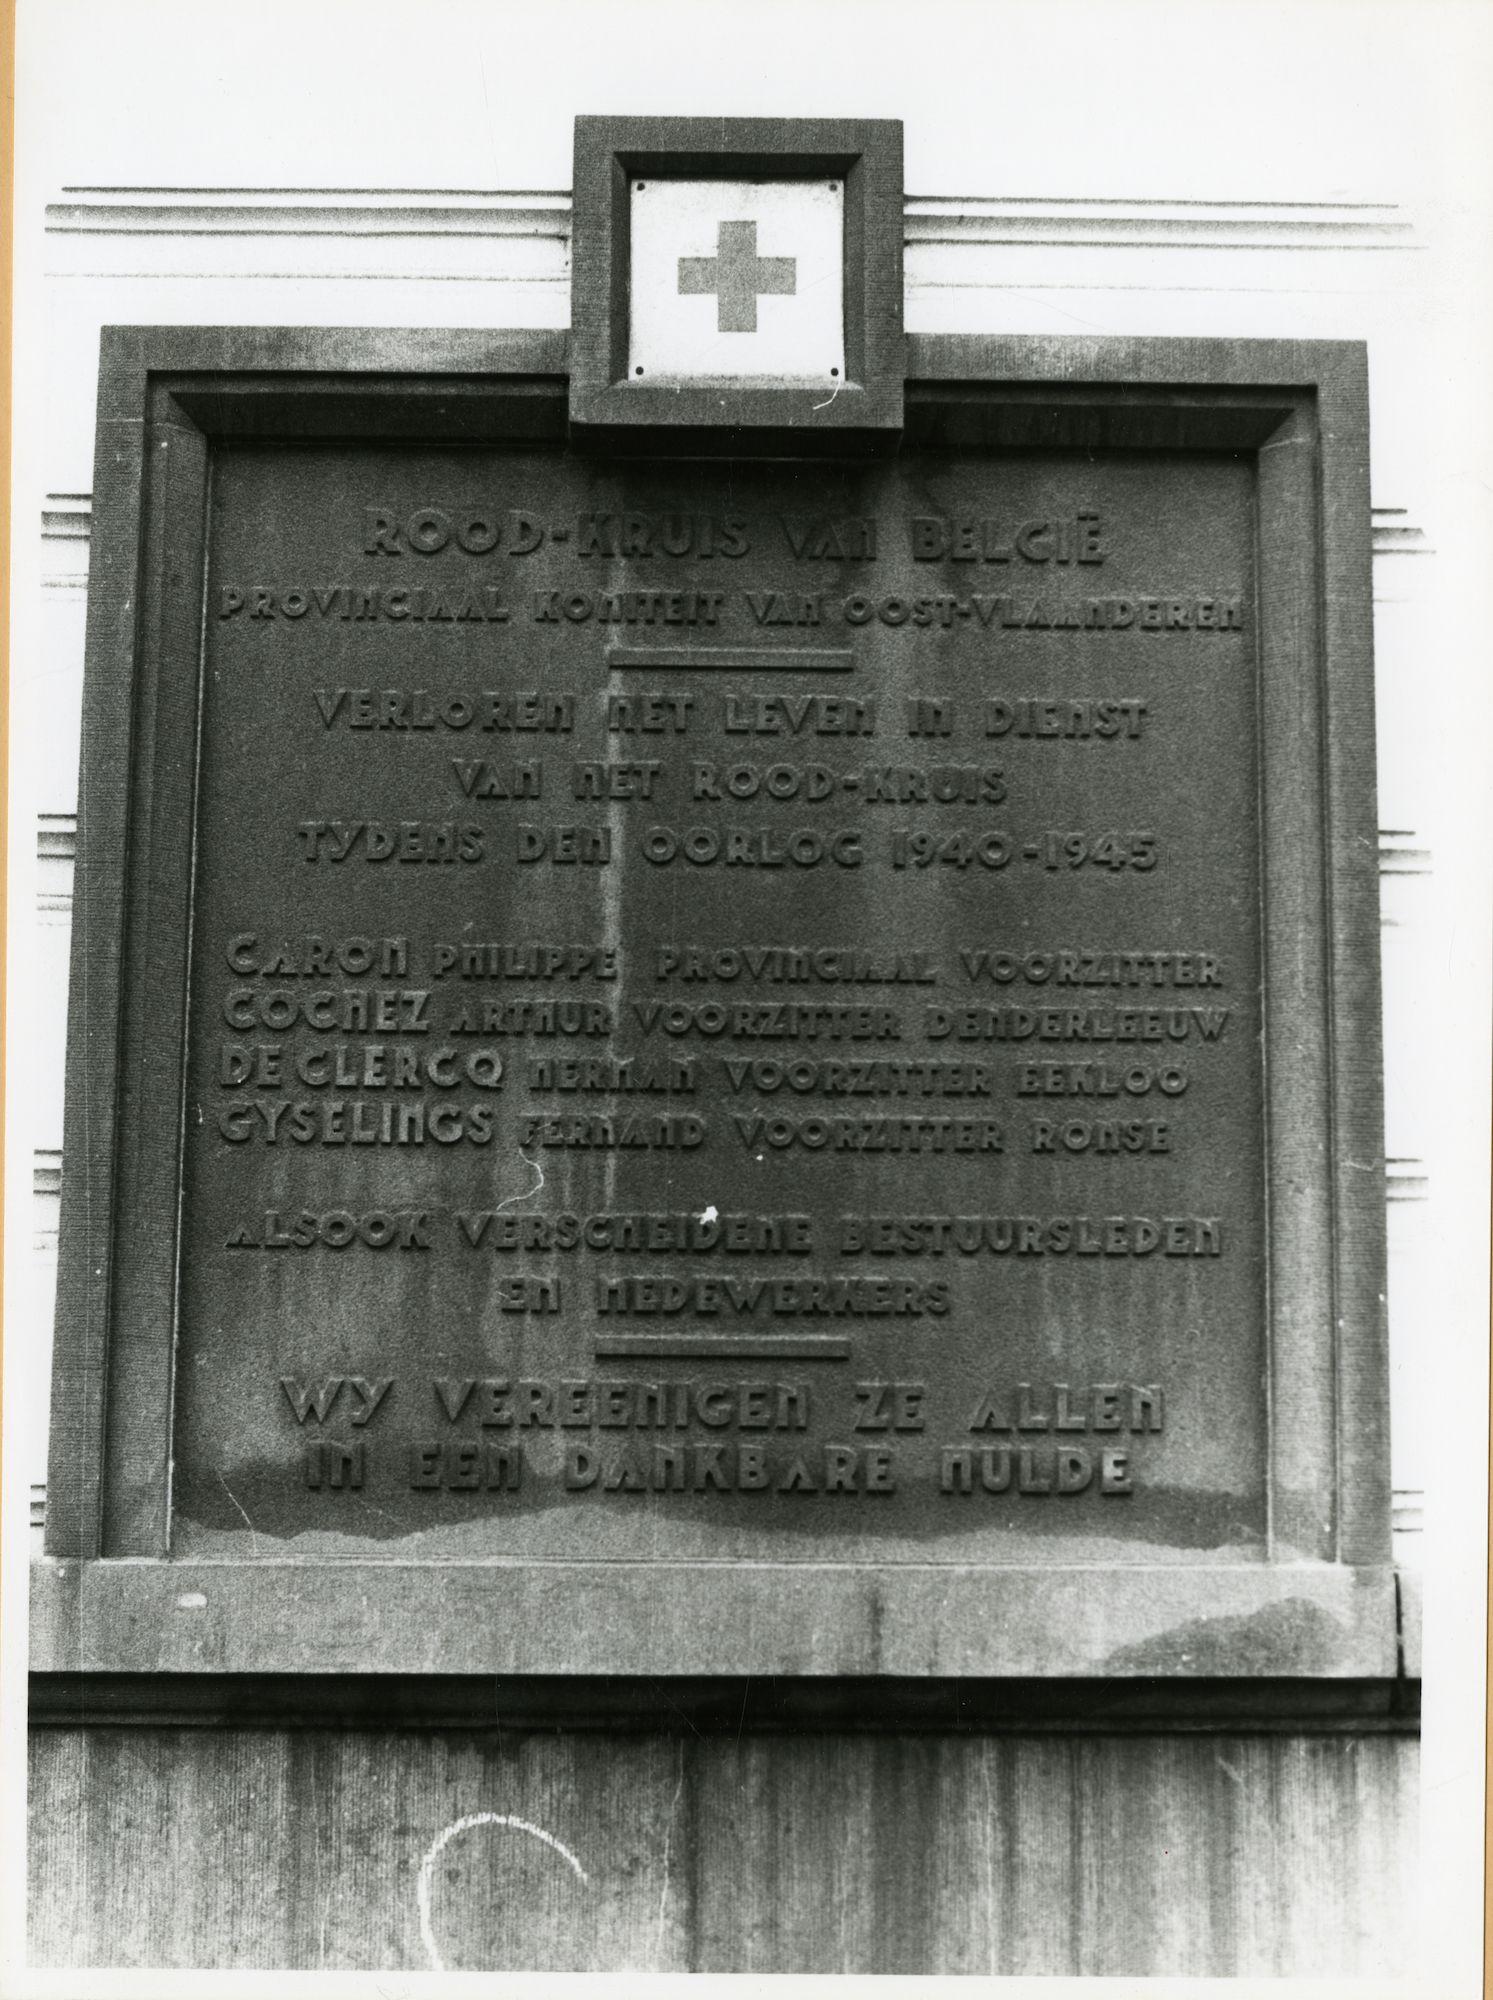 Gent: Hubert frere-orbanlaan: Gedenksteen rood kruis, 1979